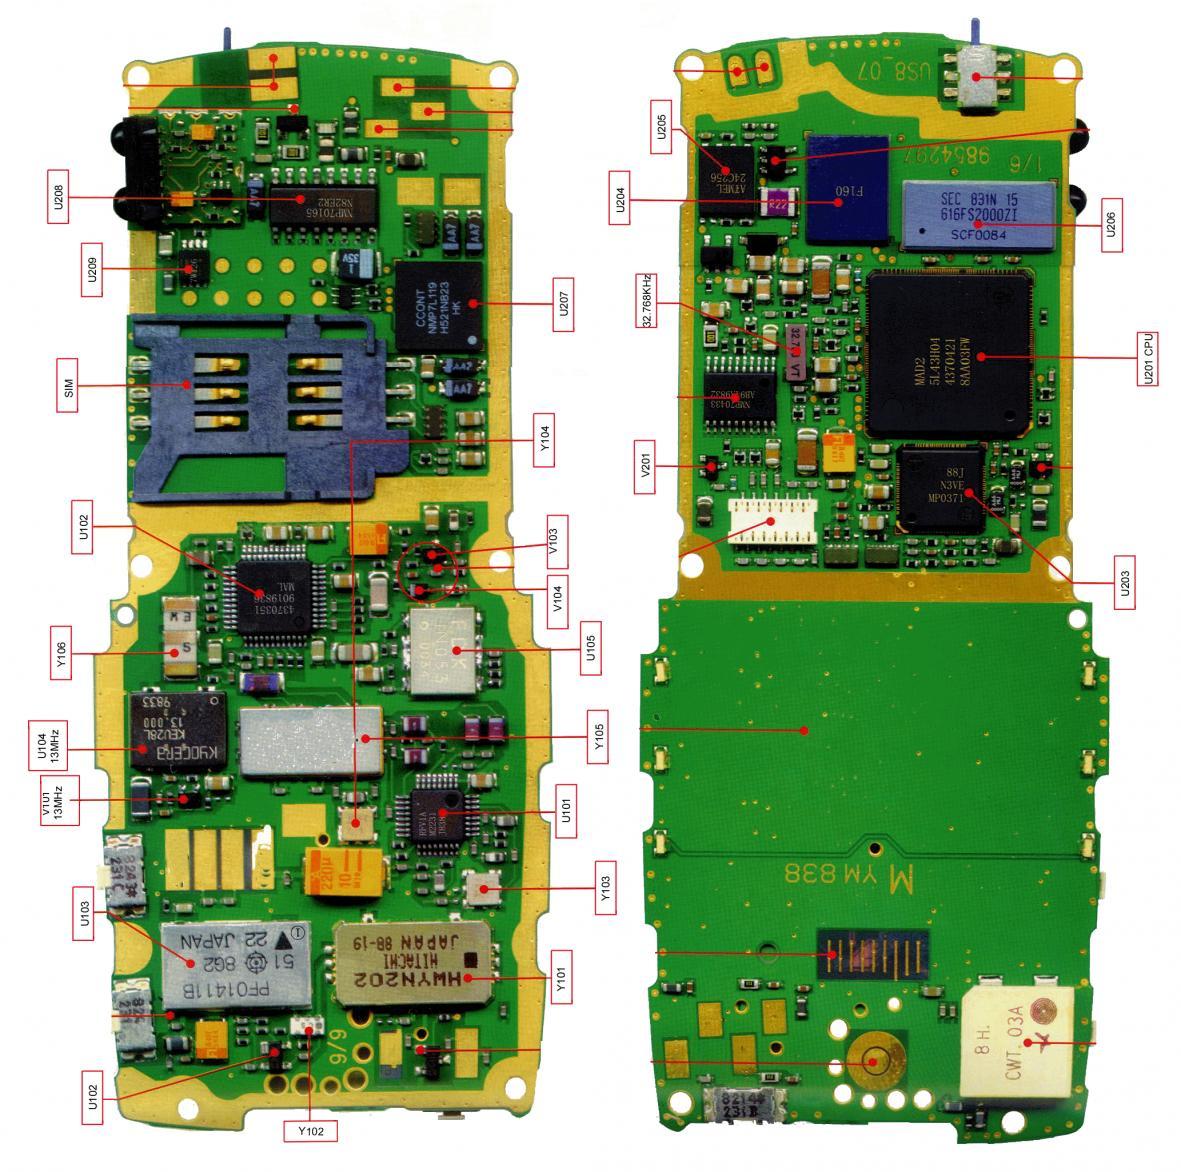 http://2.bp.blogspot.com/_5uM-bZCT40A/S7IpV0pCRsI/AAAAAAAAAAk/gczjAcl7YLE/s1600/Nokia-Diagram8810-01.jpg